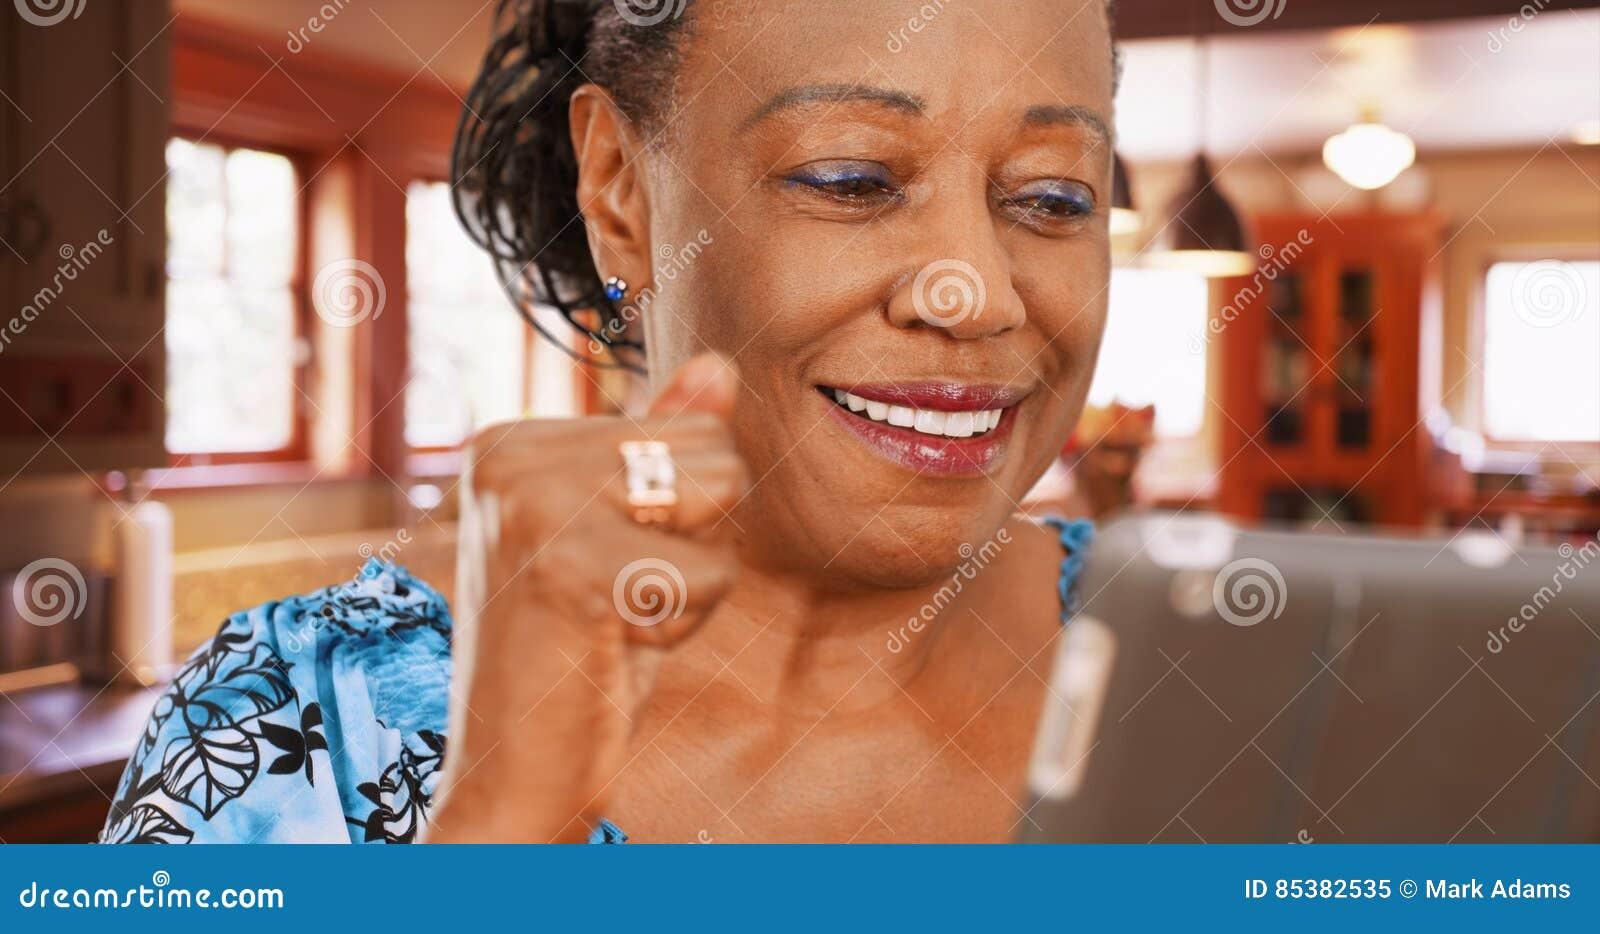 Μια ηλικιωμένη γυναίκα αφροαμερικάνων χρησιμοποιεί την ταμπλέτα της στην κουζίνα της